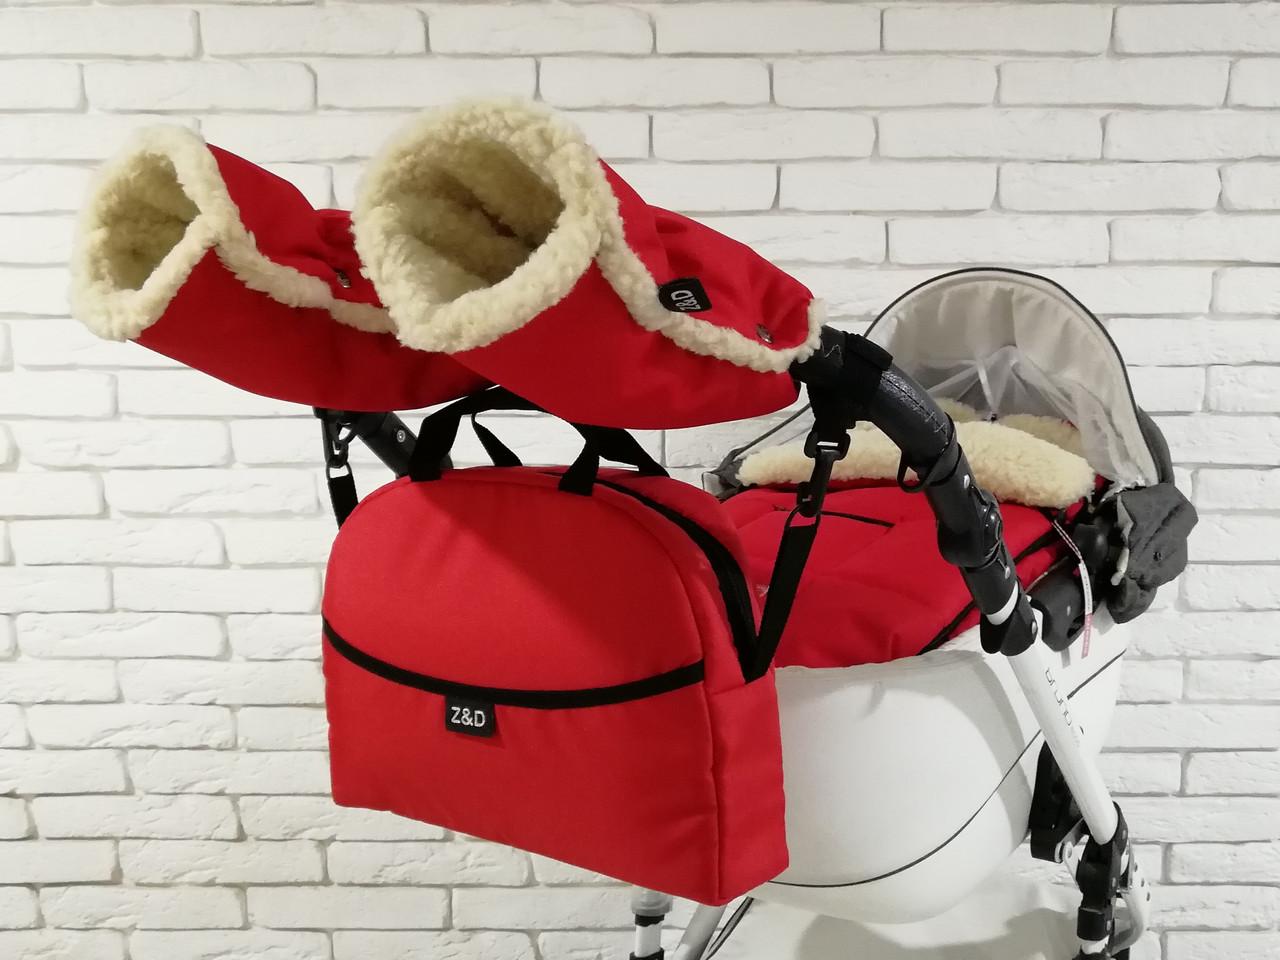 Комплект зимний Конверт, рукавички и сумка Z&D New (Красный)